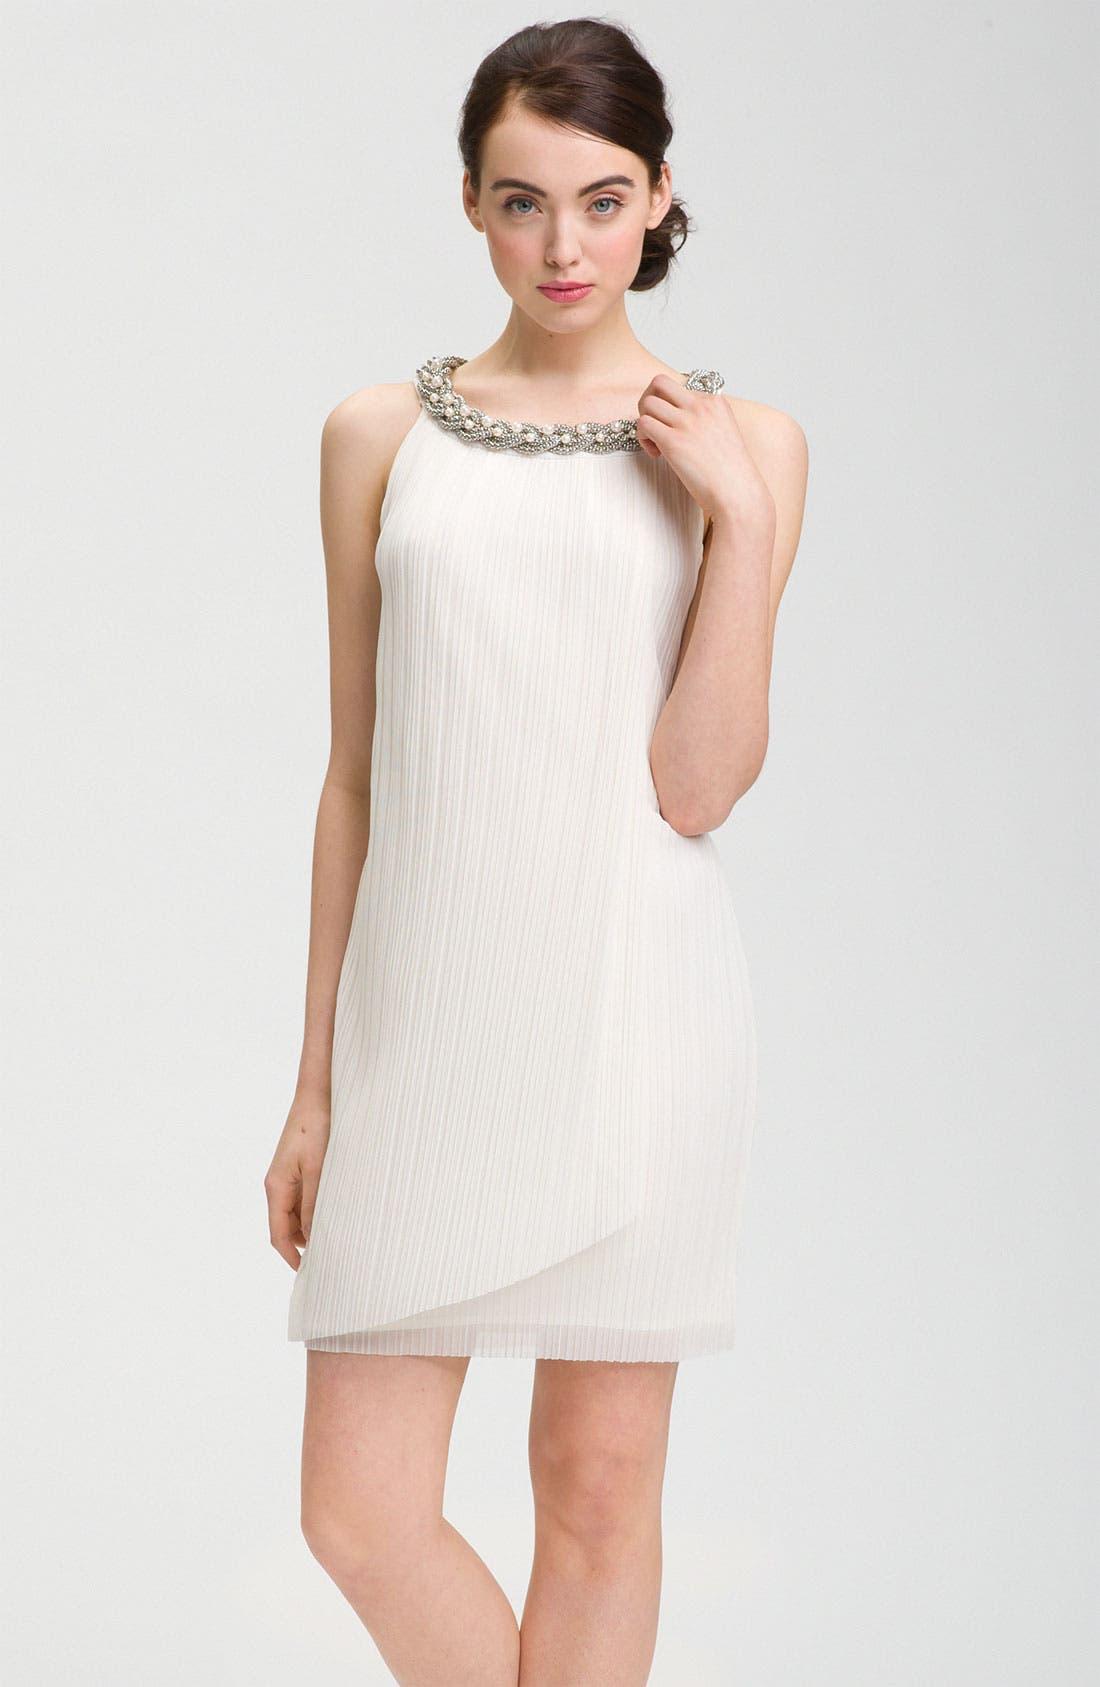 White Chiffon Shift Dress